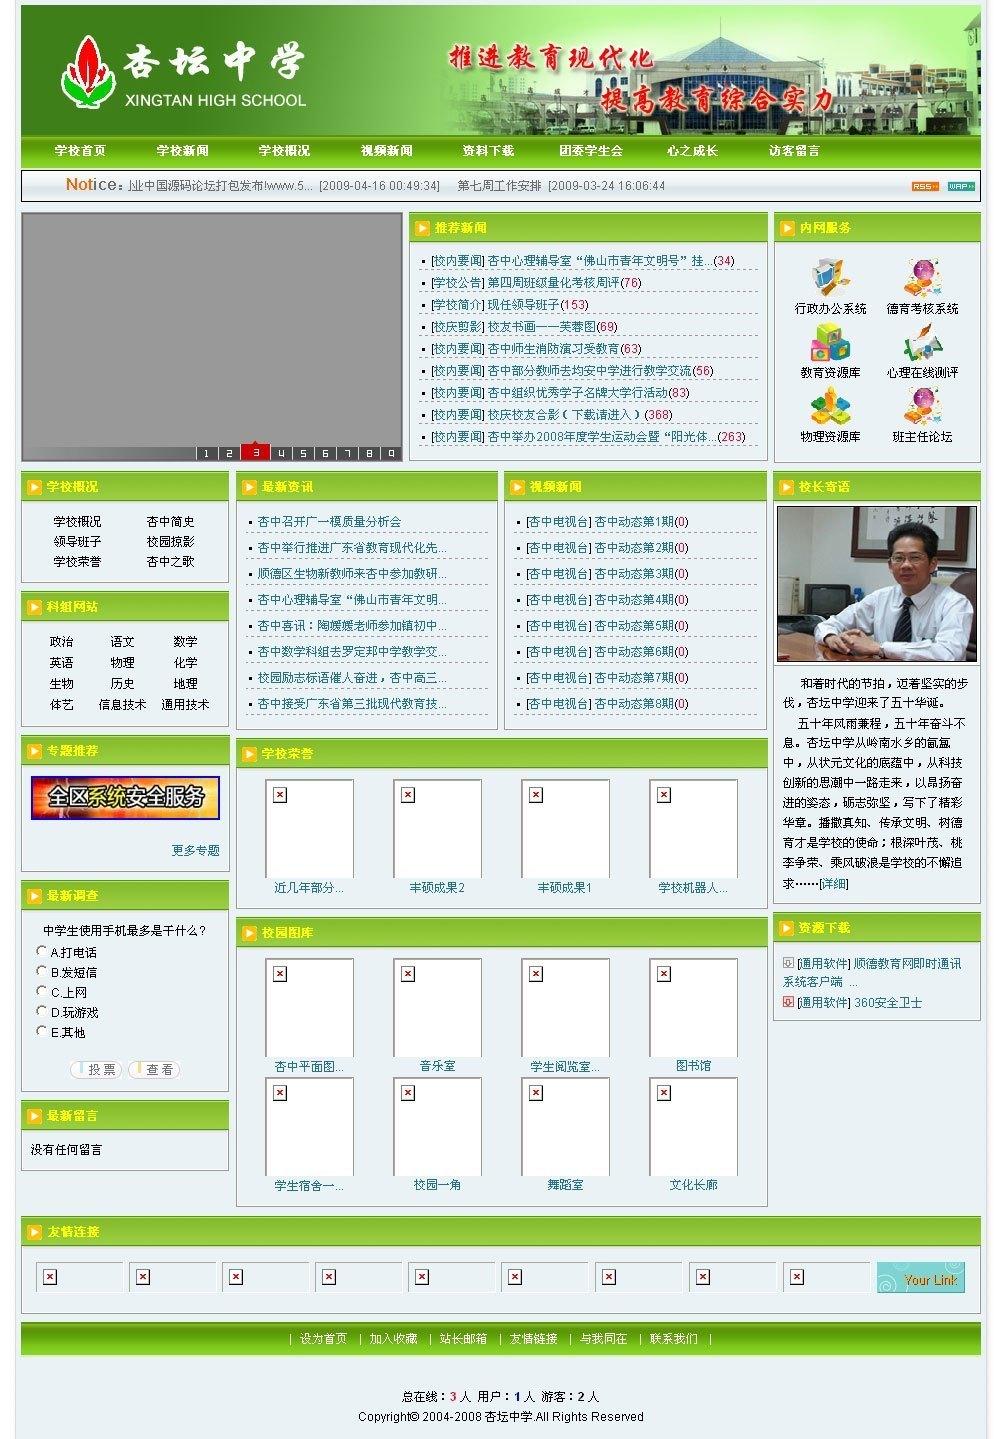 制药企业网站源码(源码出售网站源码) (https://www.oilcn.net.cn/) 网站运营 第5张